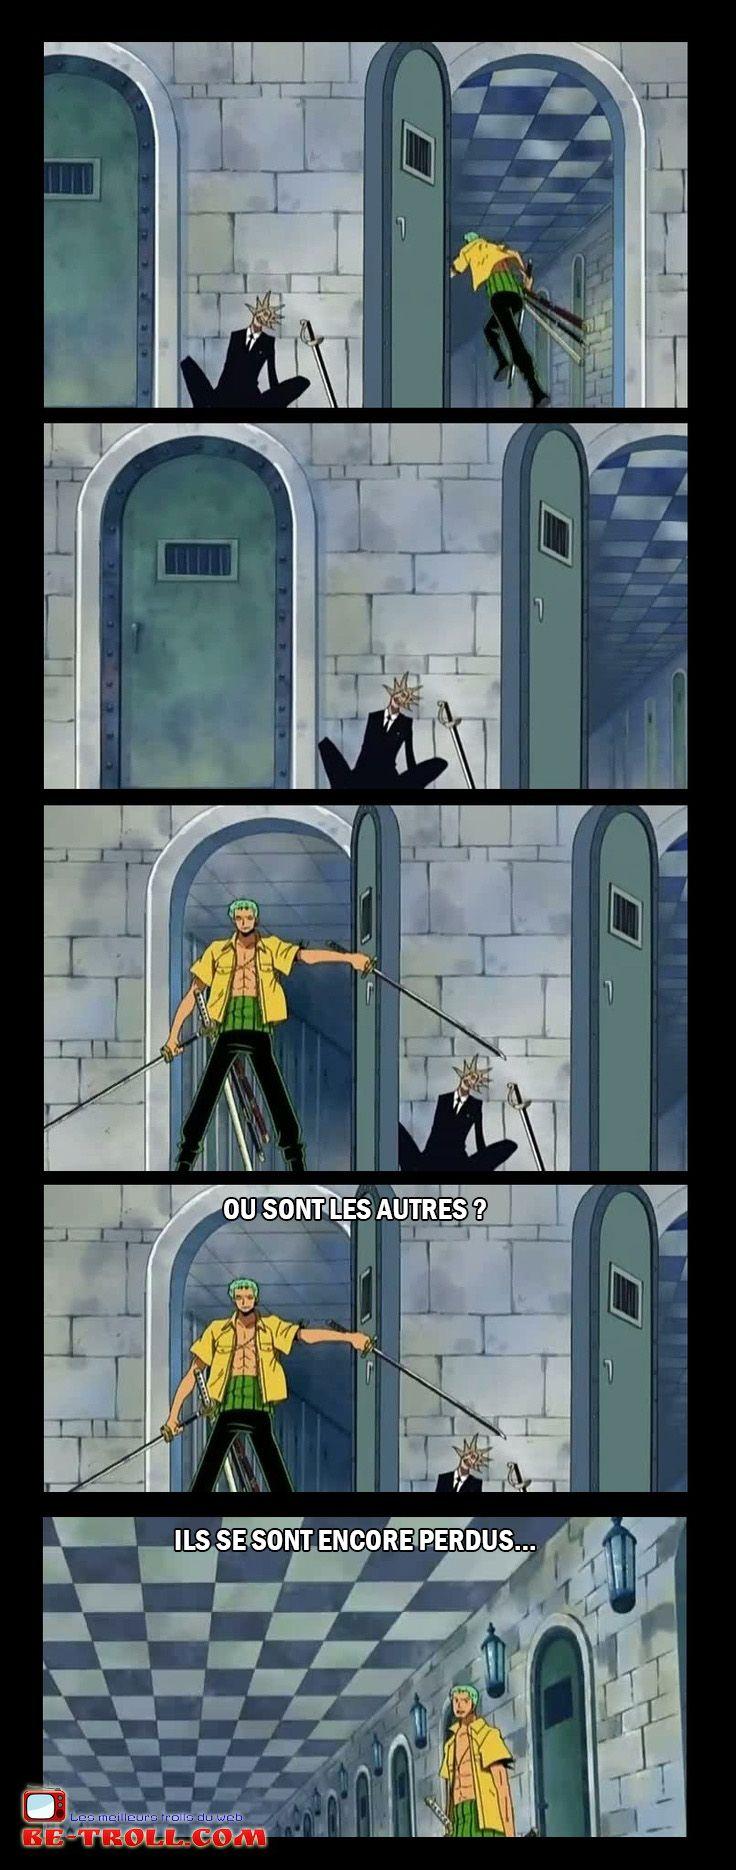 Zorro faut que te e dise comment tu fait pour te perdre au temps car la tu le fait esprès ?